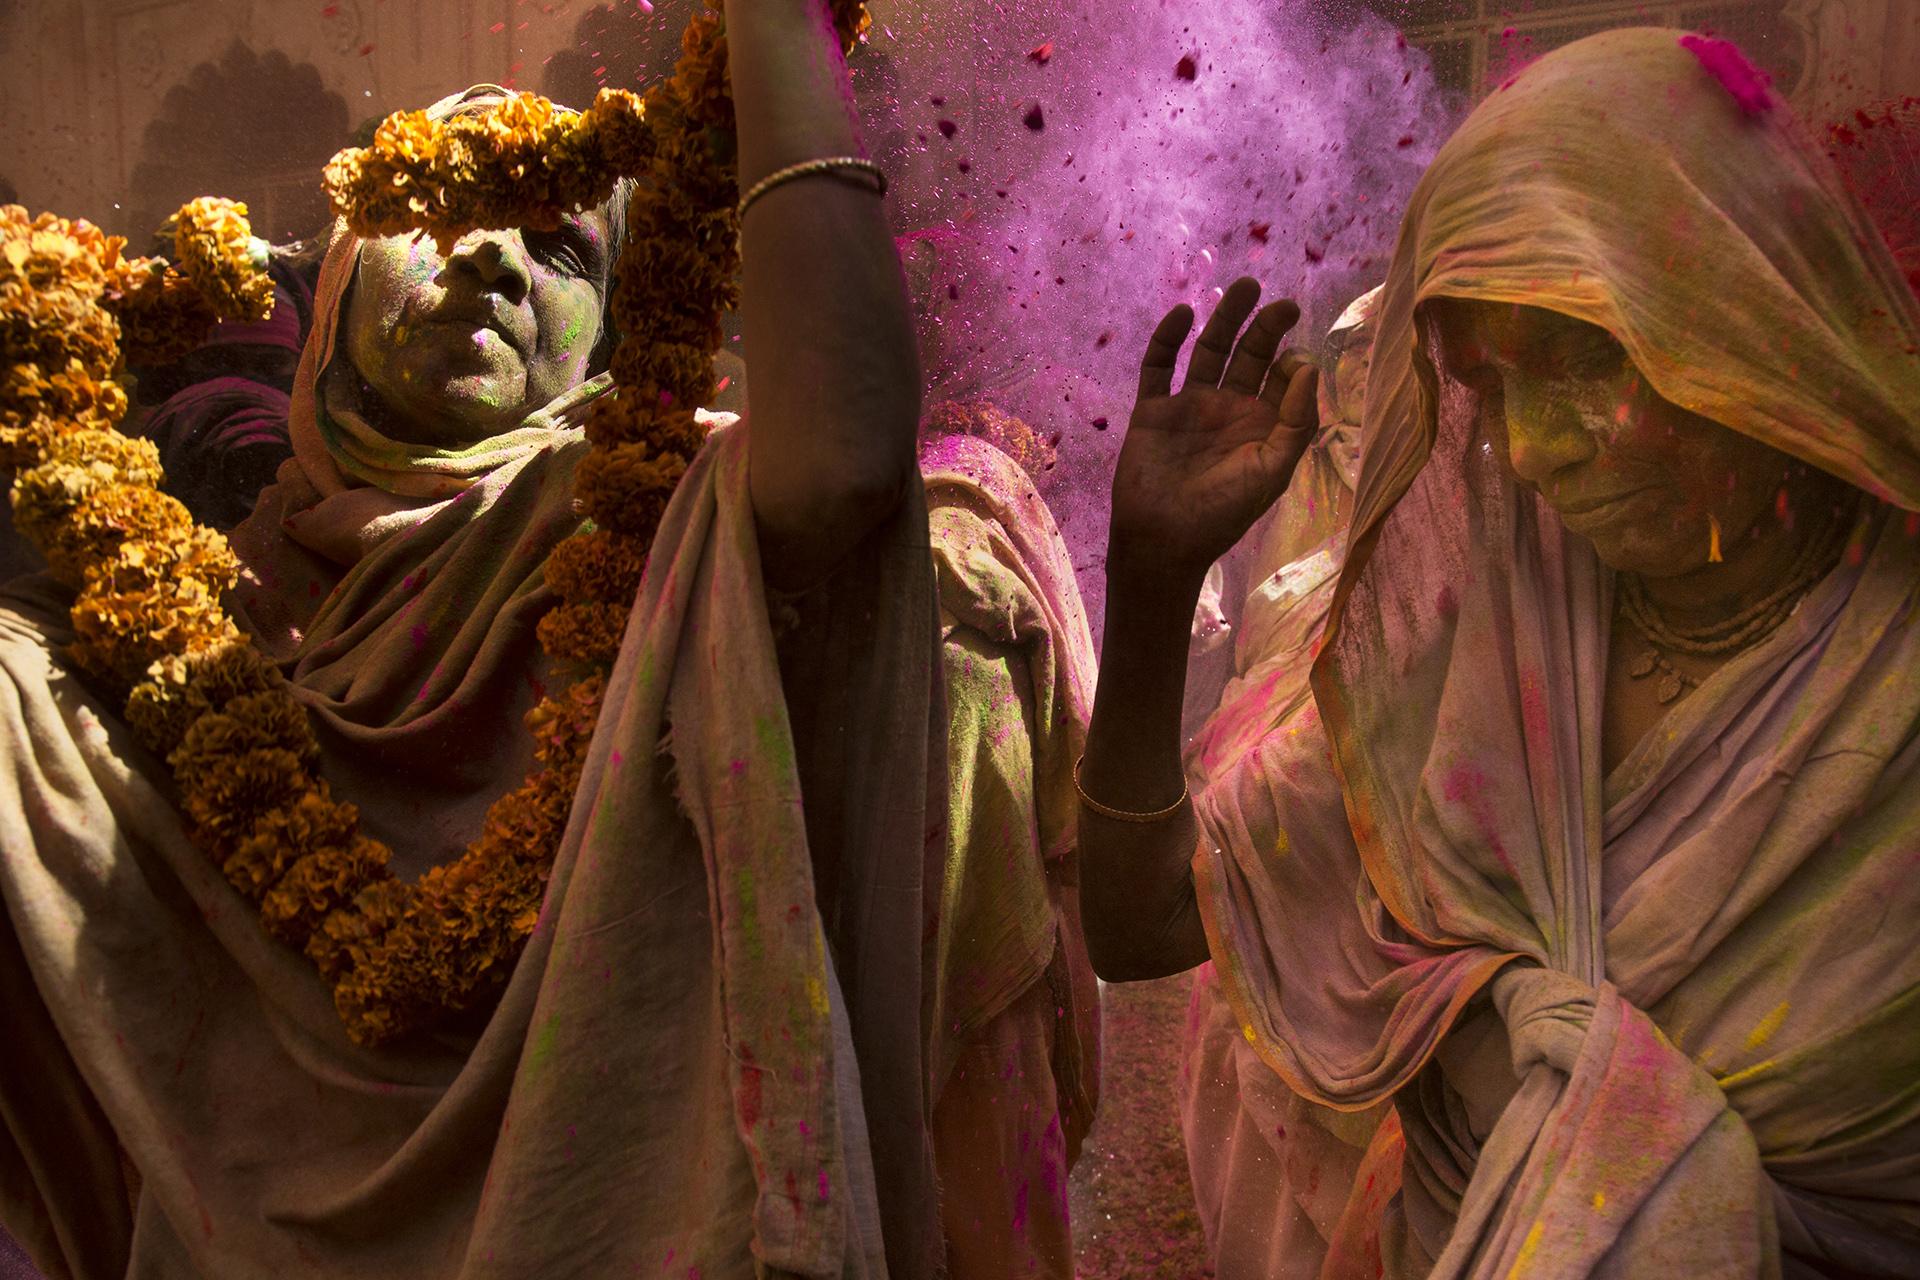 Un grupo de mujeres participa de la ceremonia Holi, el festival del amor y los colores que en una época era considerado inapropiado para las viudas, en el templo de Gopinath, en la India. Amy Toensing, 2016